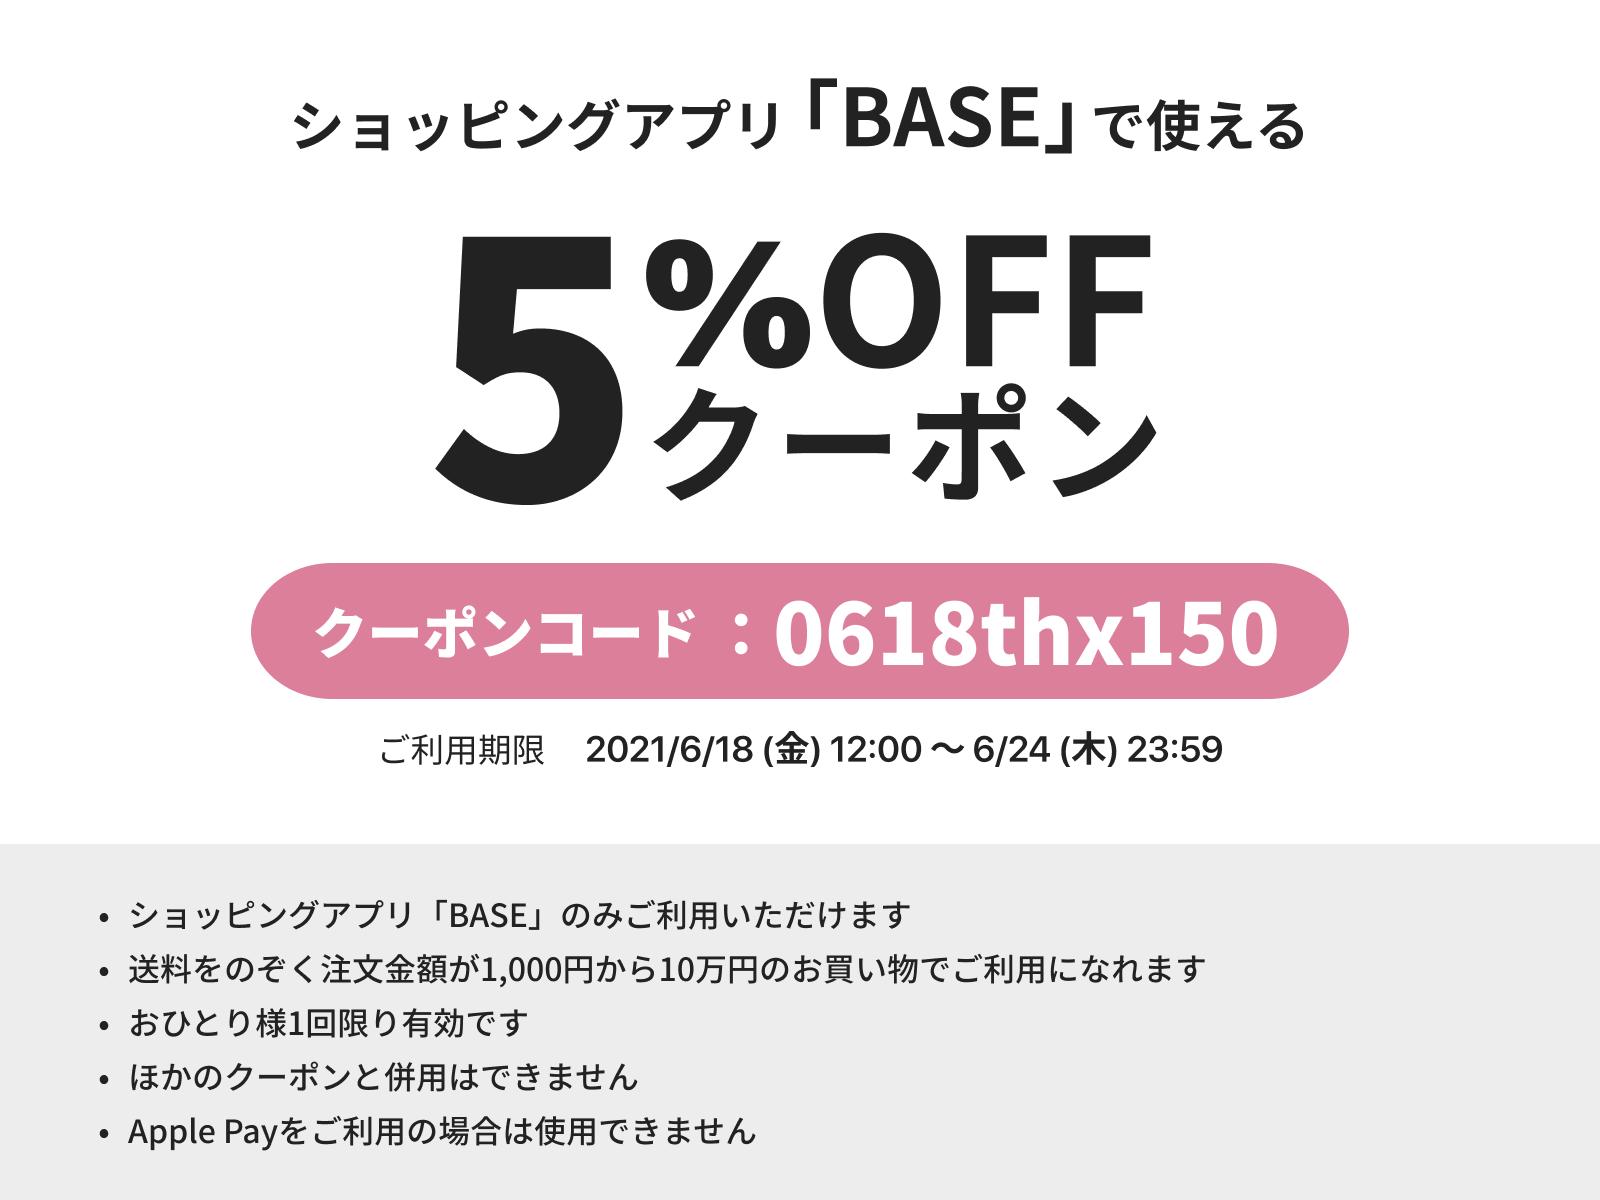 BASEアプリ会員限定全商品5%OFFキャンペーンのお知らせ